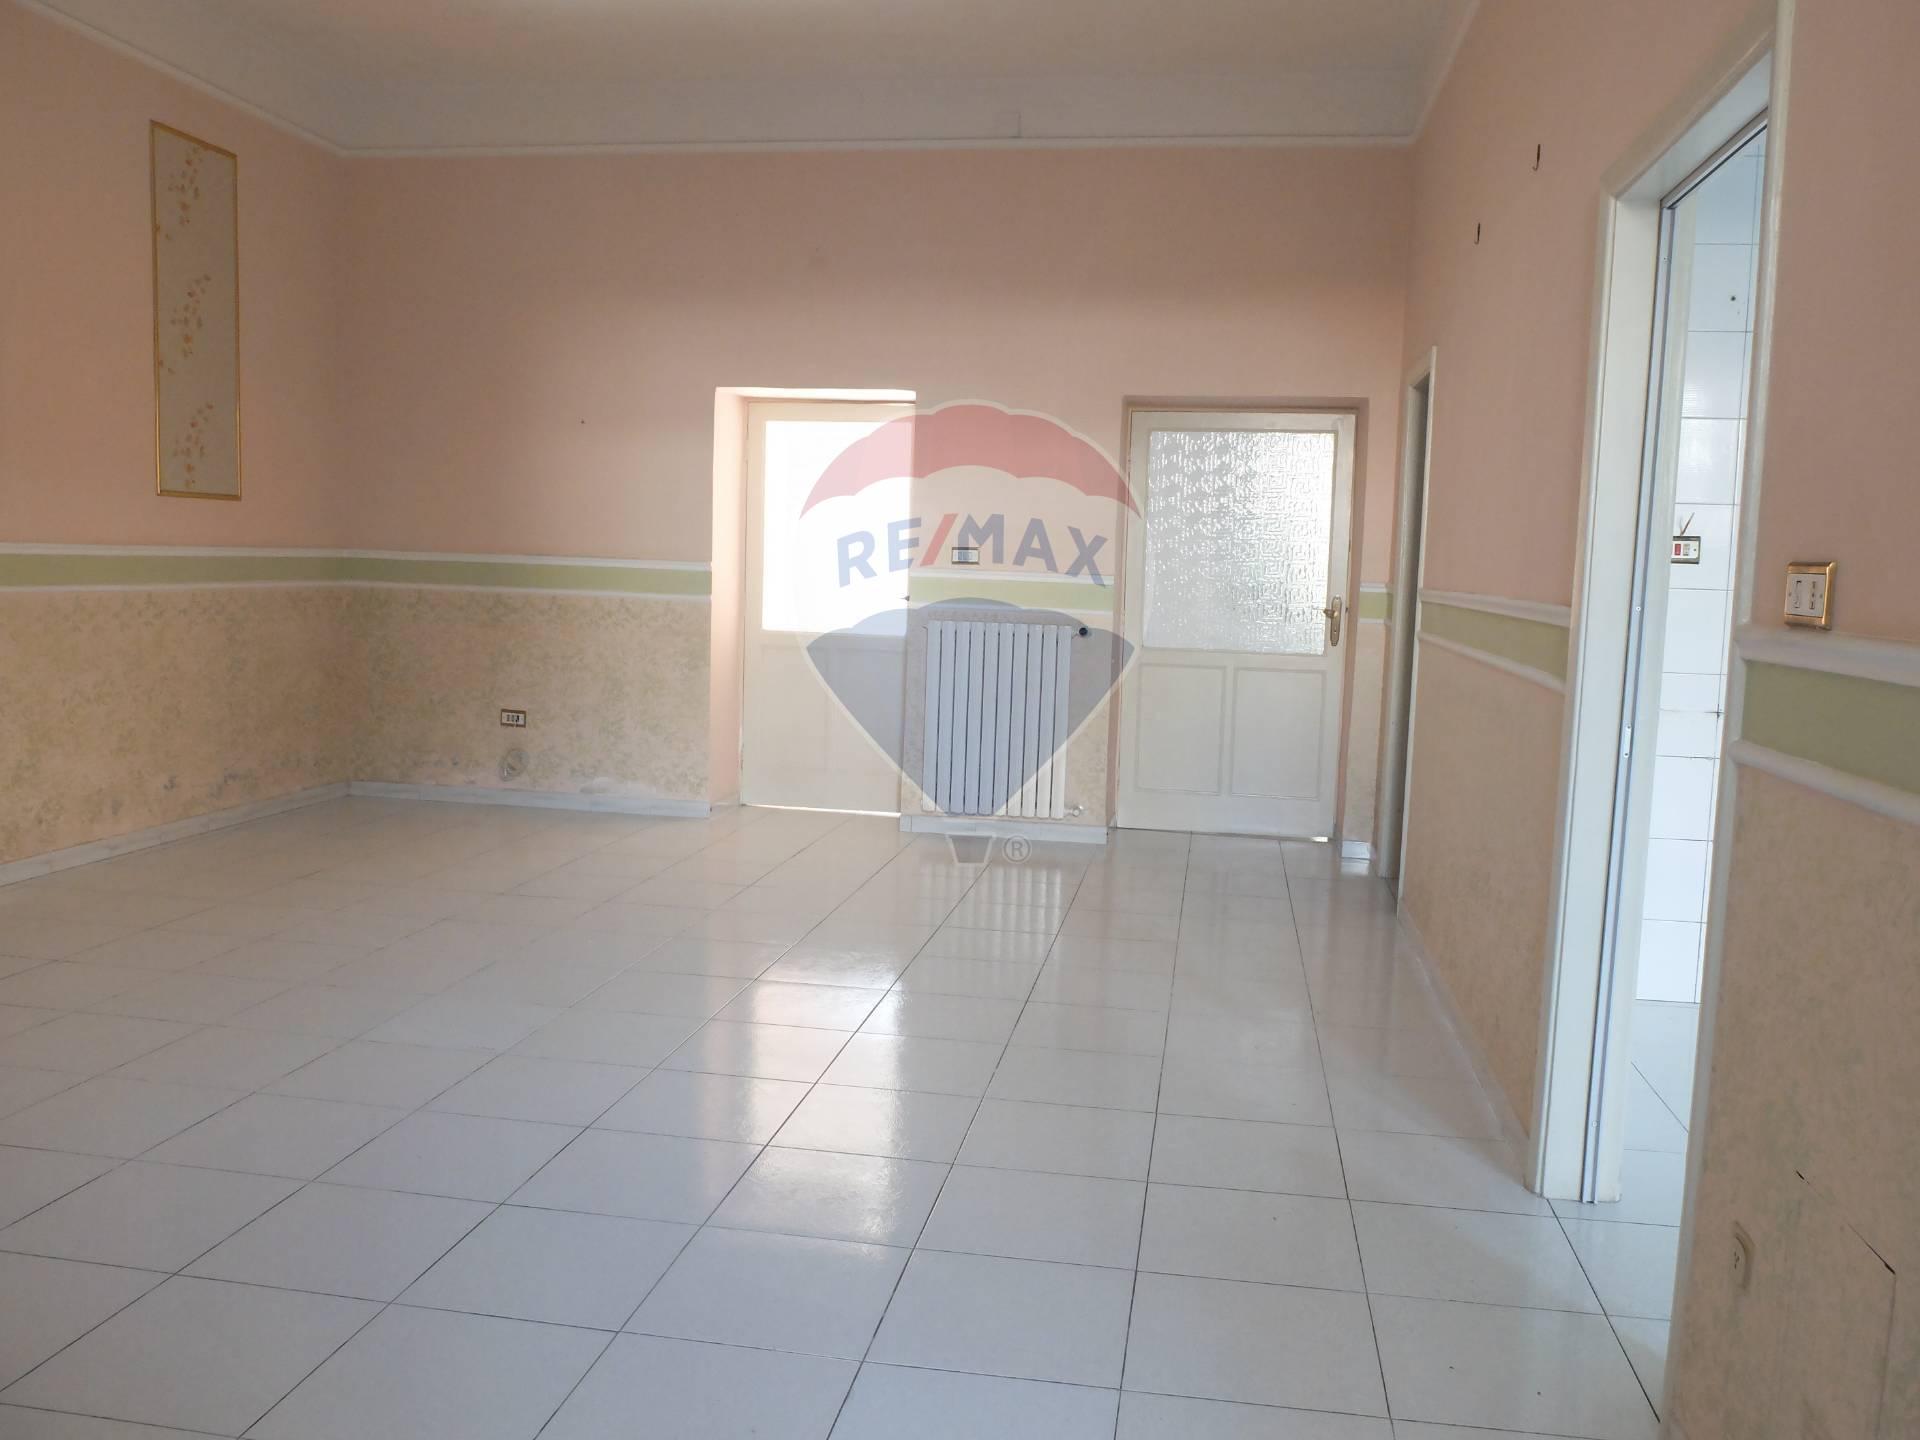 Appartamento in vendita a Casapulla, 3 locali, prezzo € 87.000 | CambioCasa.it